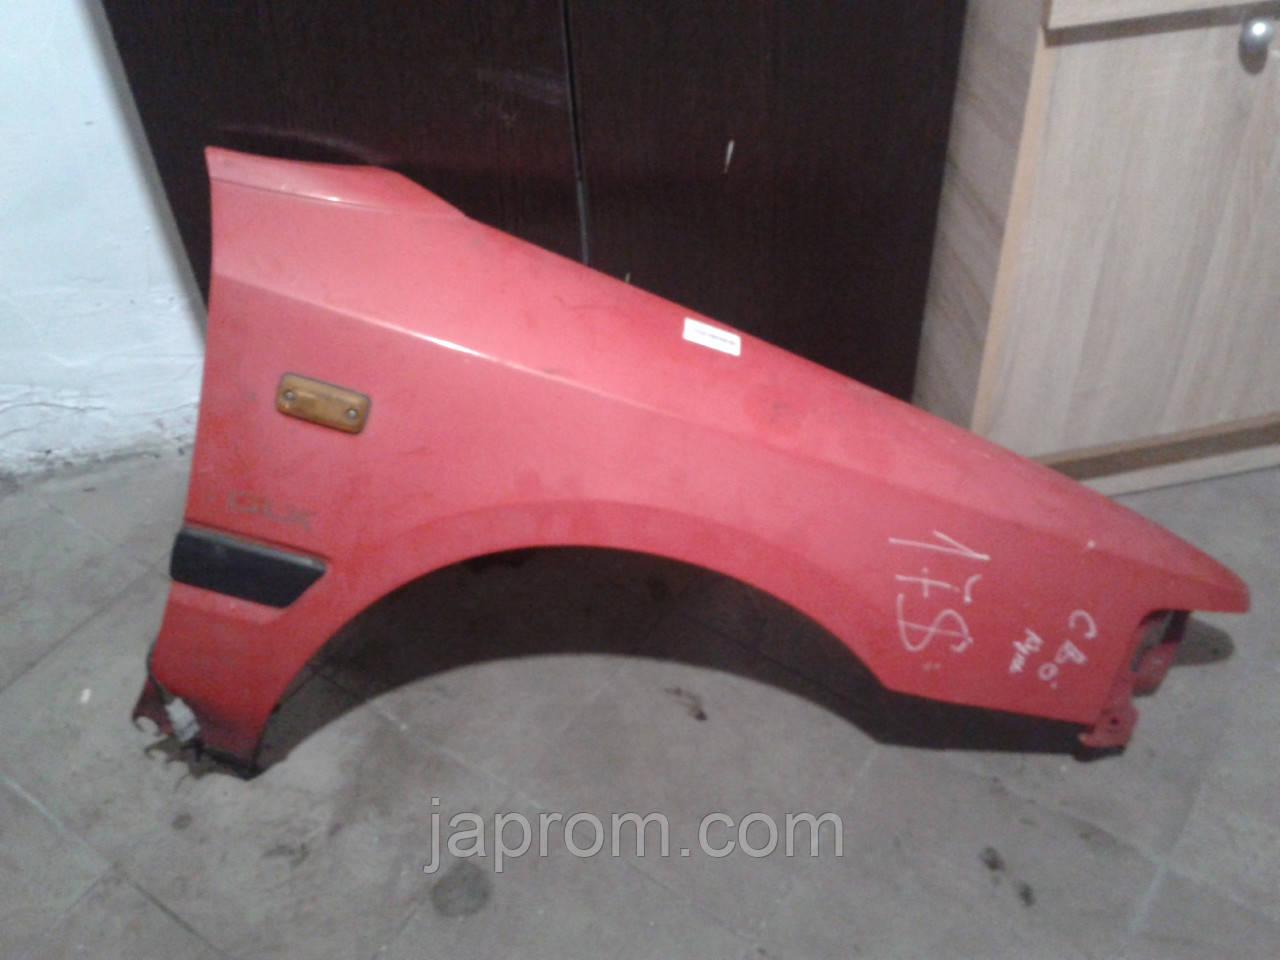 Крыло переднее правое Mazda 323 BG 1988-1994 г.в. купе красное